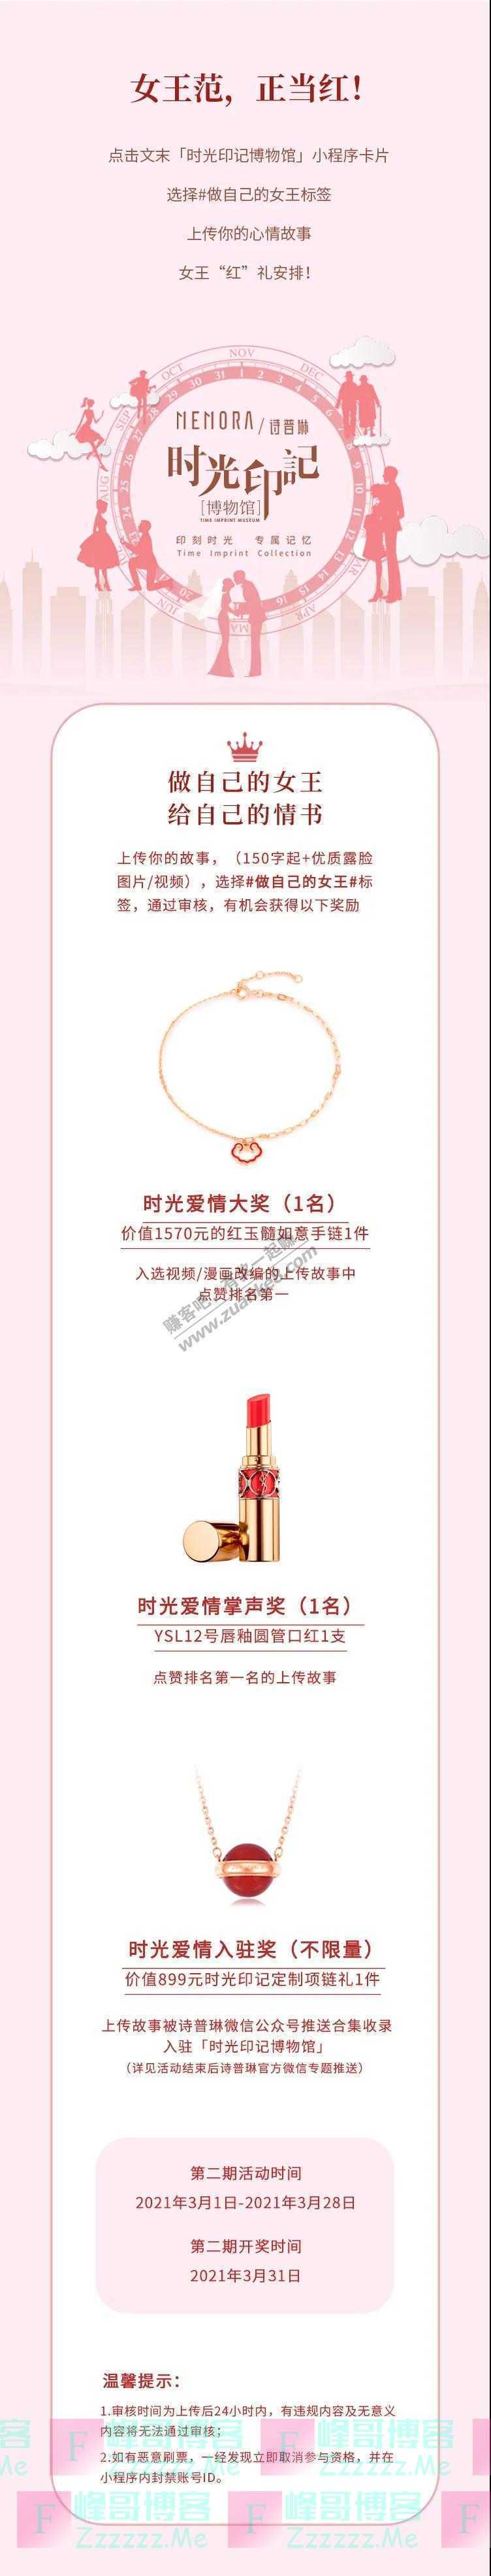 """诗普琳时光印记,女王""""礼""""当红(截止3月31日)"""